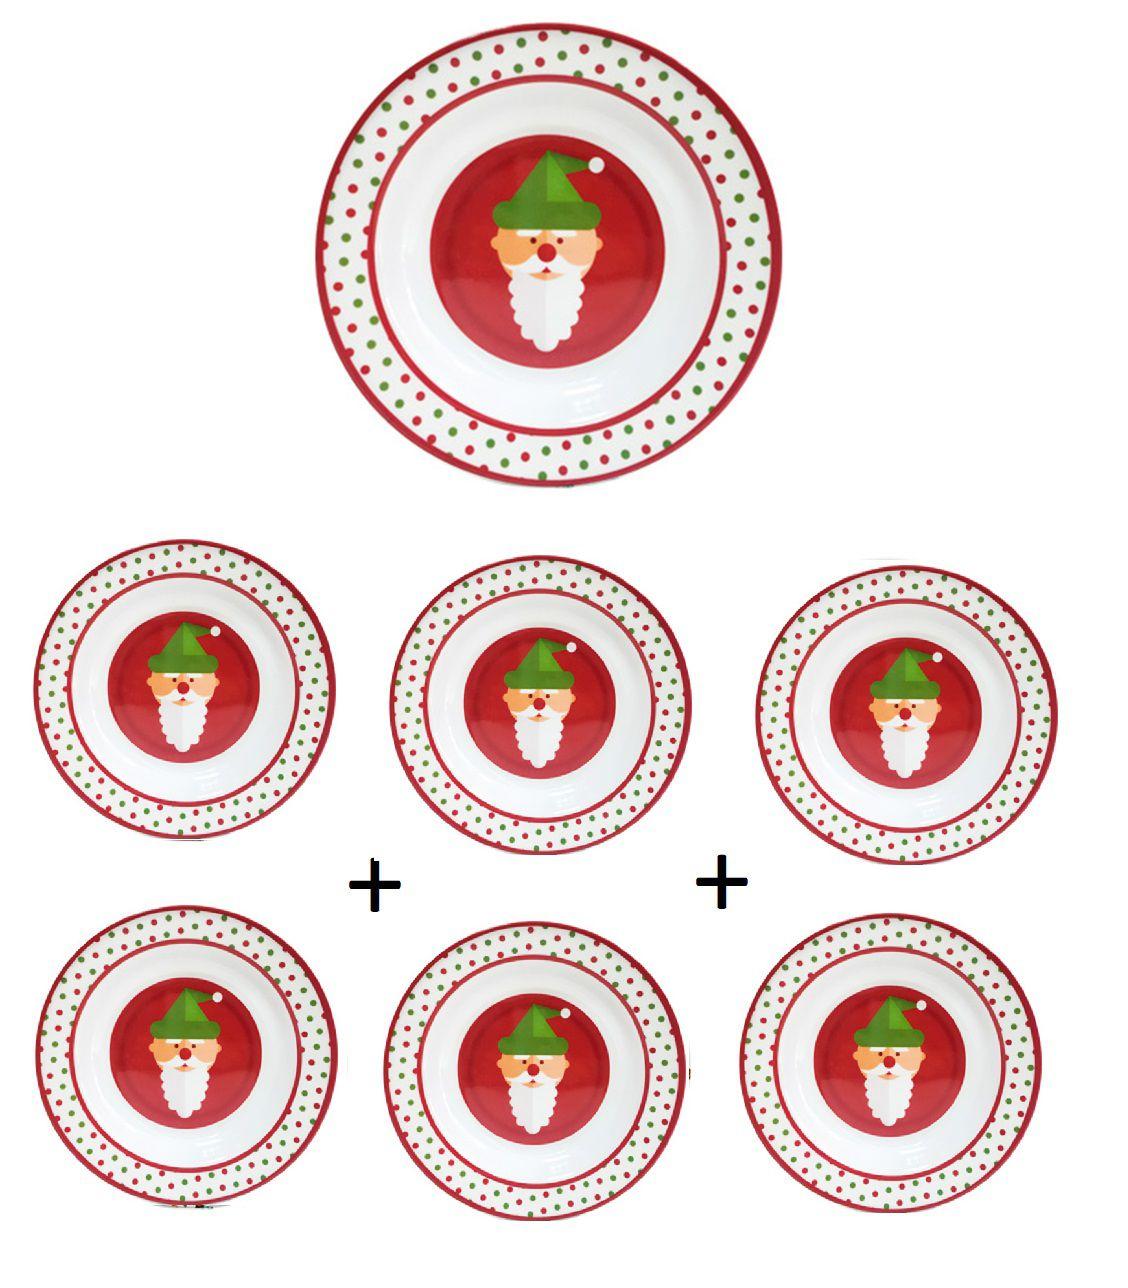 Kit 6 unidades Pratos Fundo Redondo de Melamina com Decoração Natalinas Papai Noel 22 cm Ø